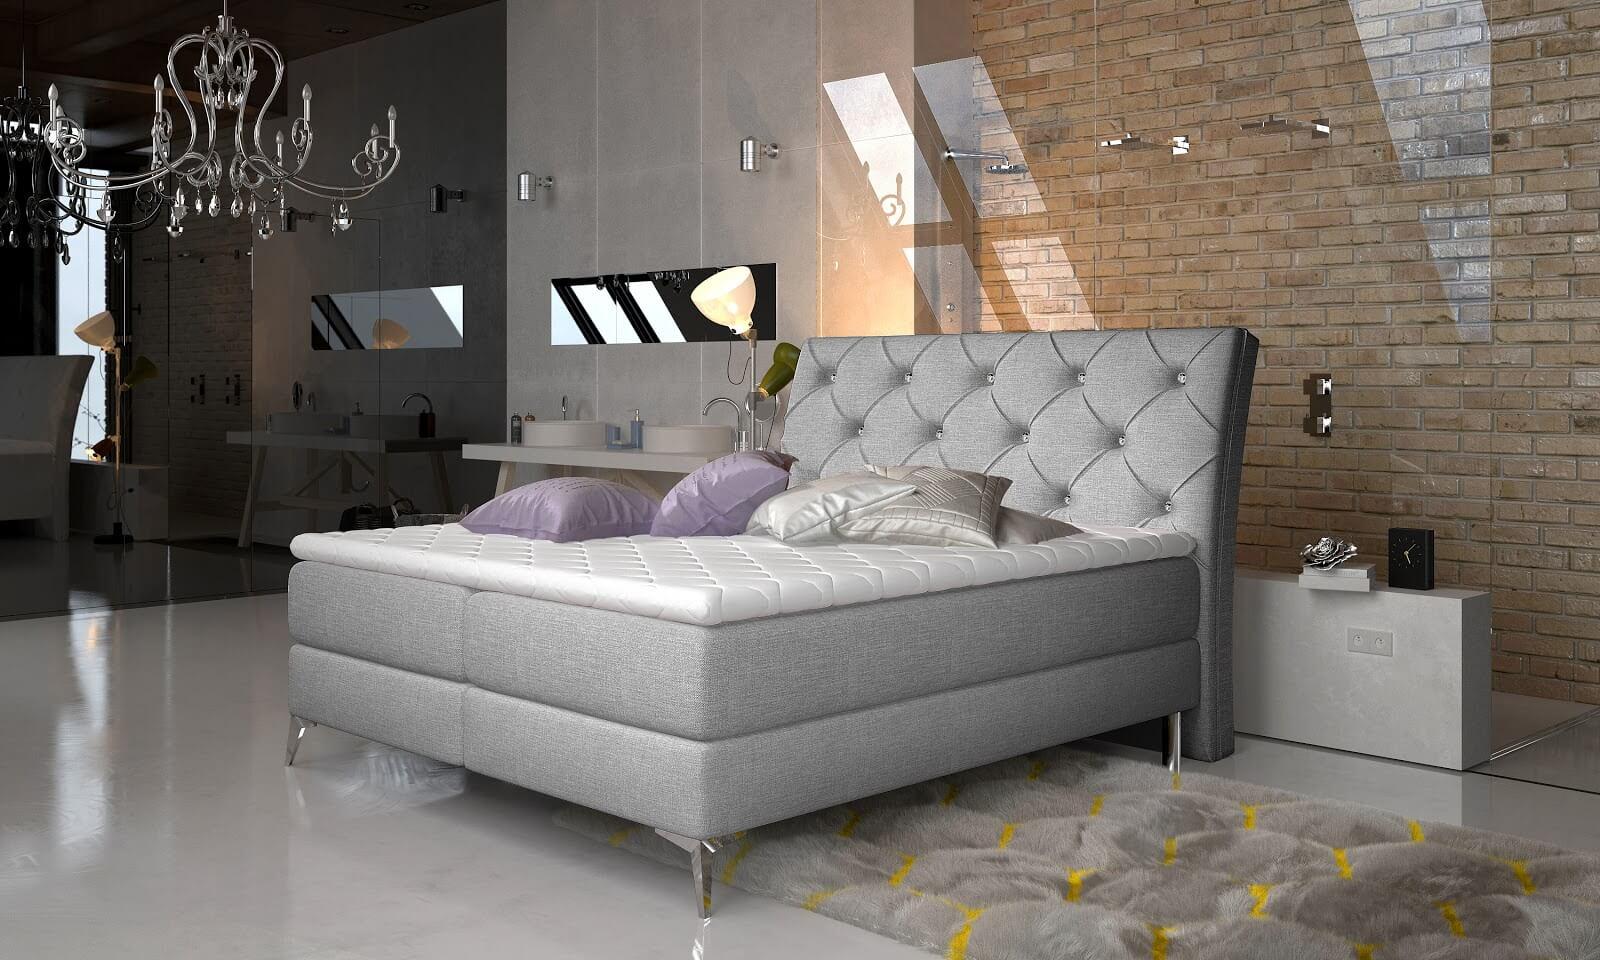 Łóżko kontynentalne Adel w stylu francuskim